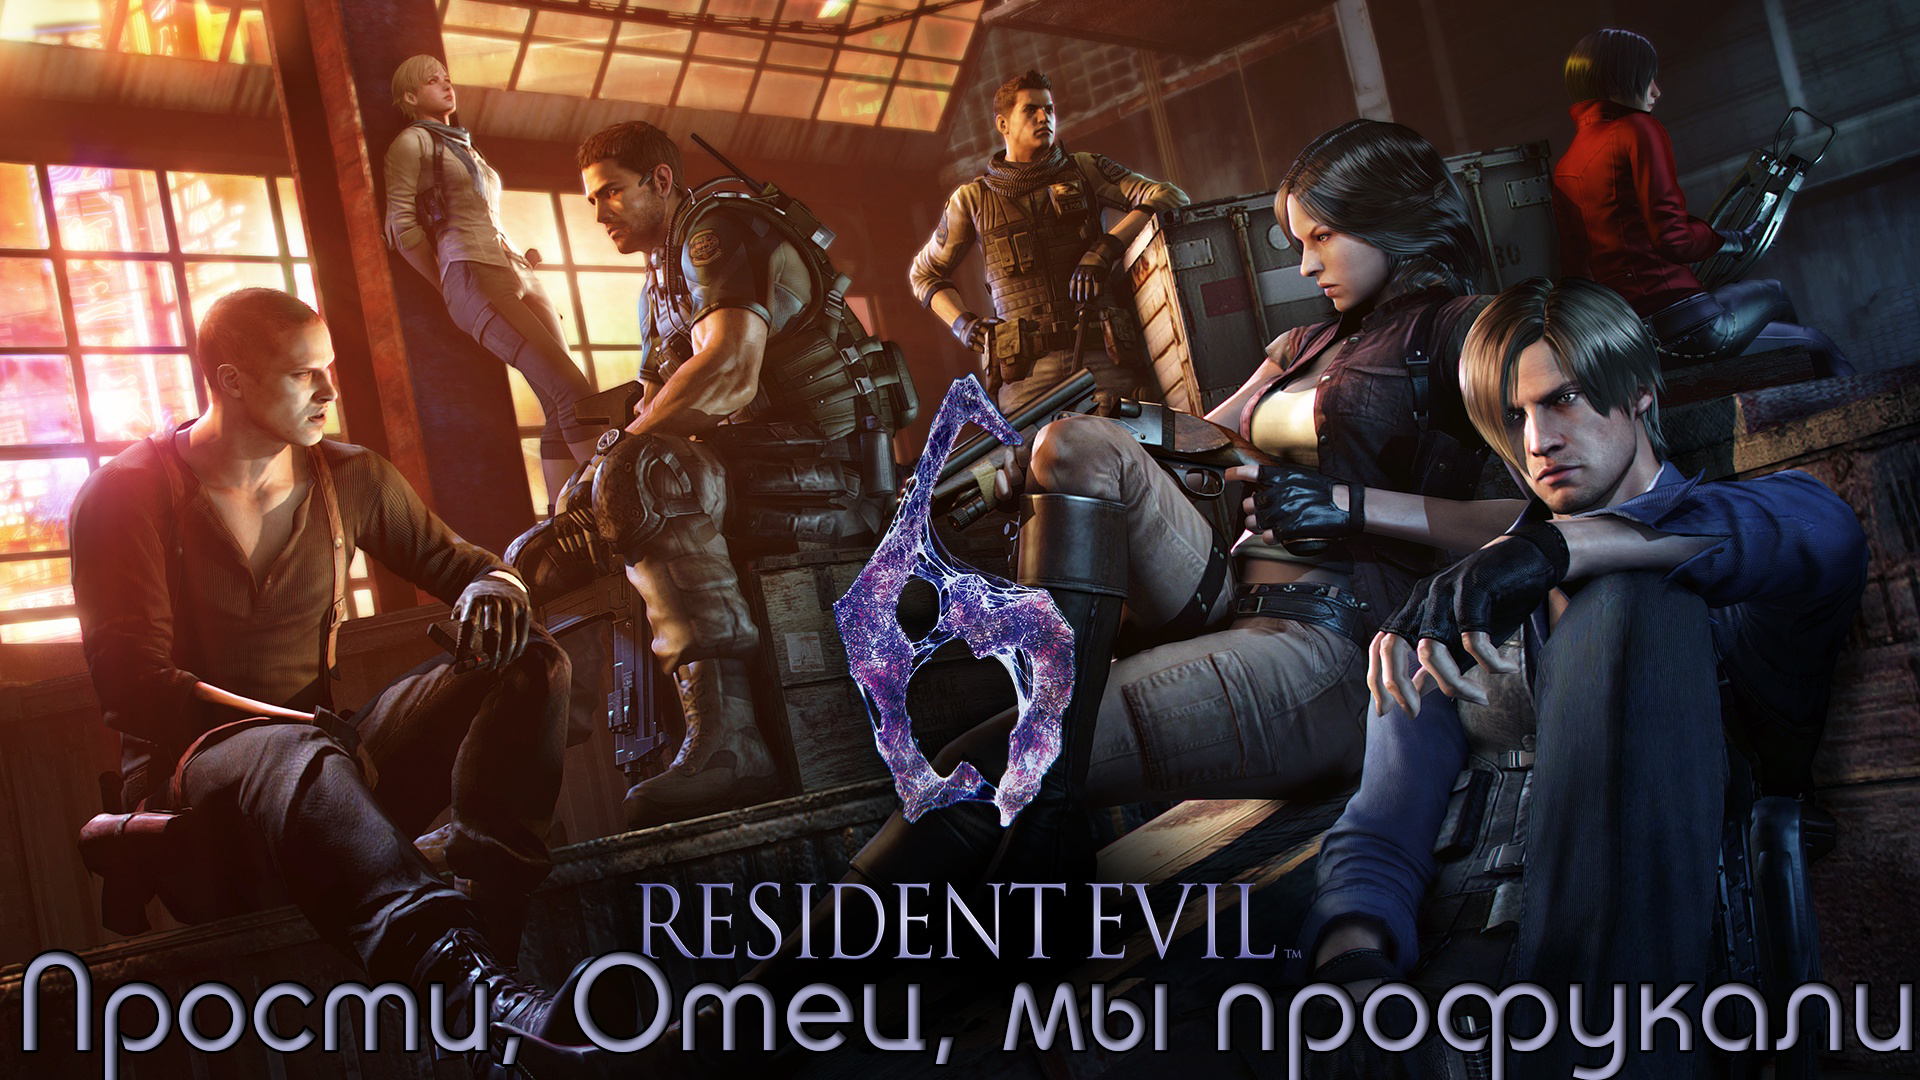 Прости, Отец, мы профукали Resident Evil 6 [часть 2] - Изображение 1